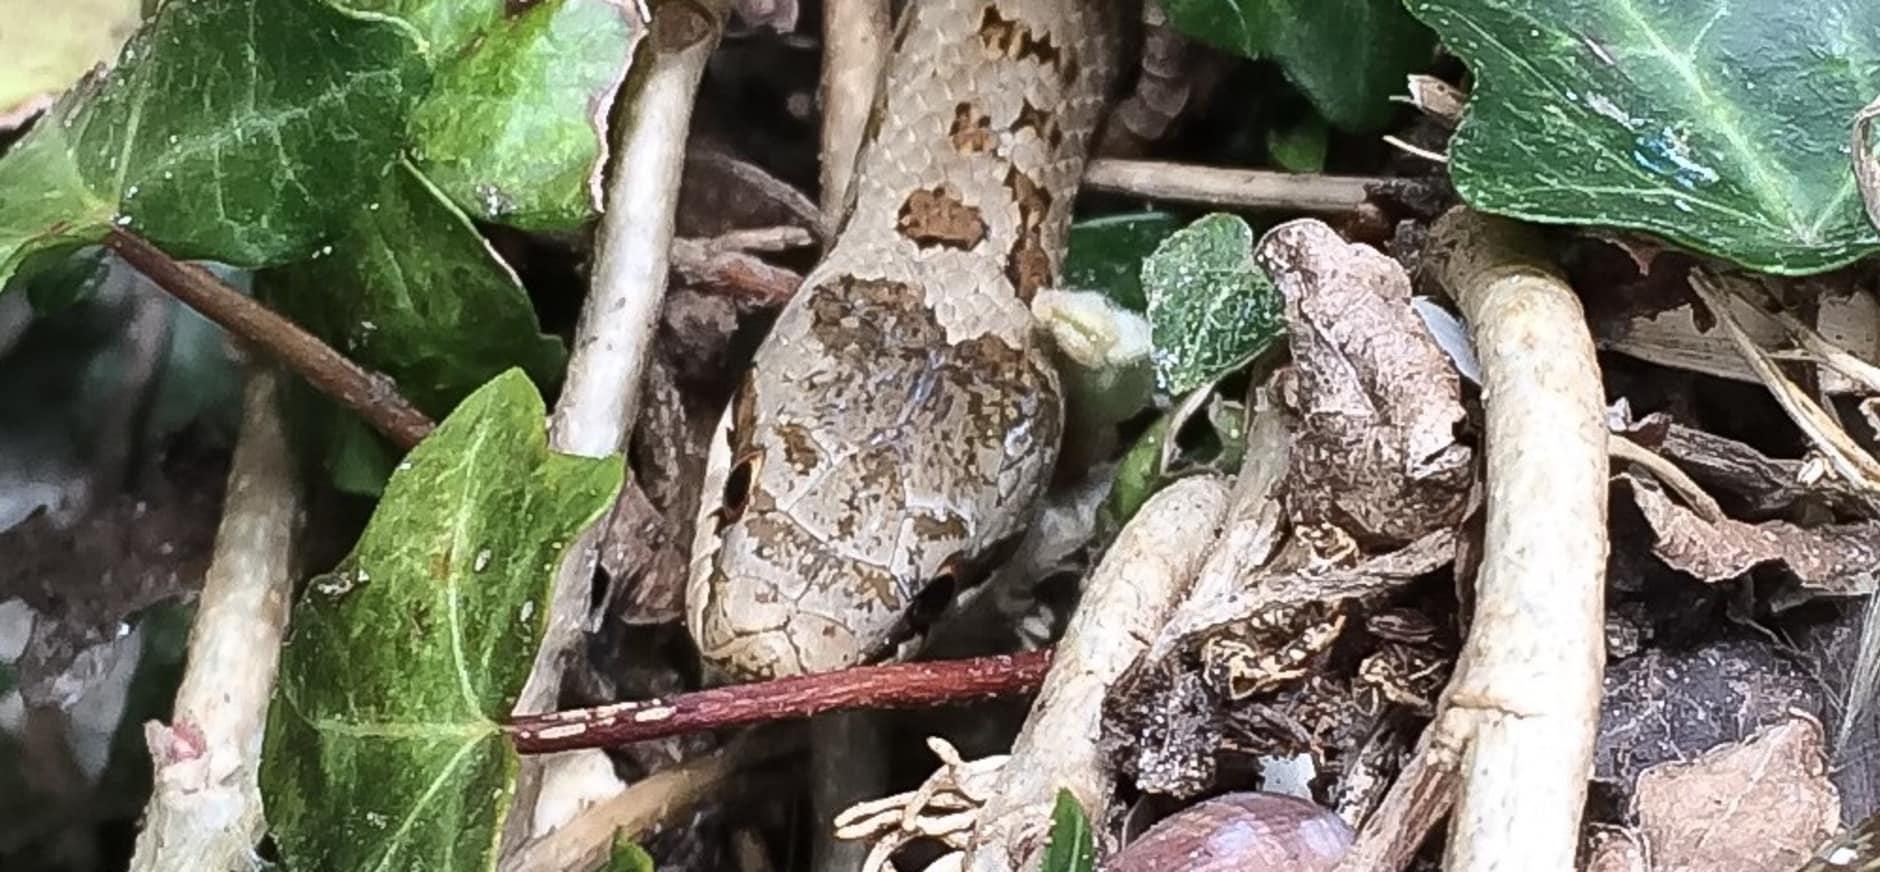 Gladde slangen op Sint-Pietersberg